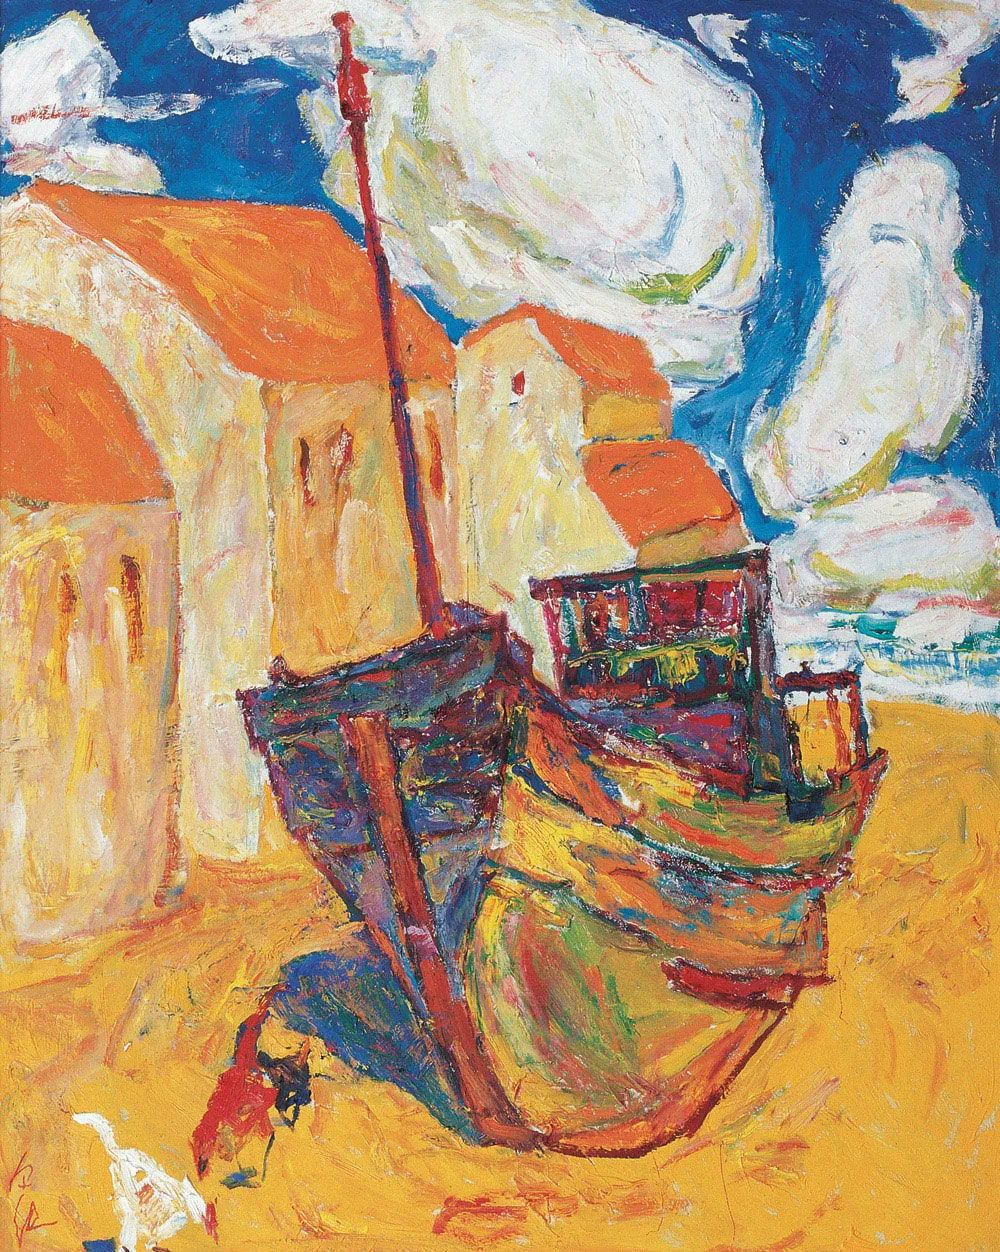 浓烈、明亮、斑斓、恣肆的色彩,这油画美极了插图63